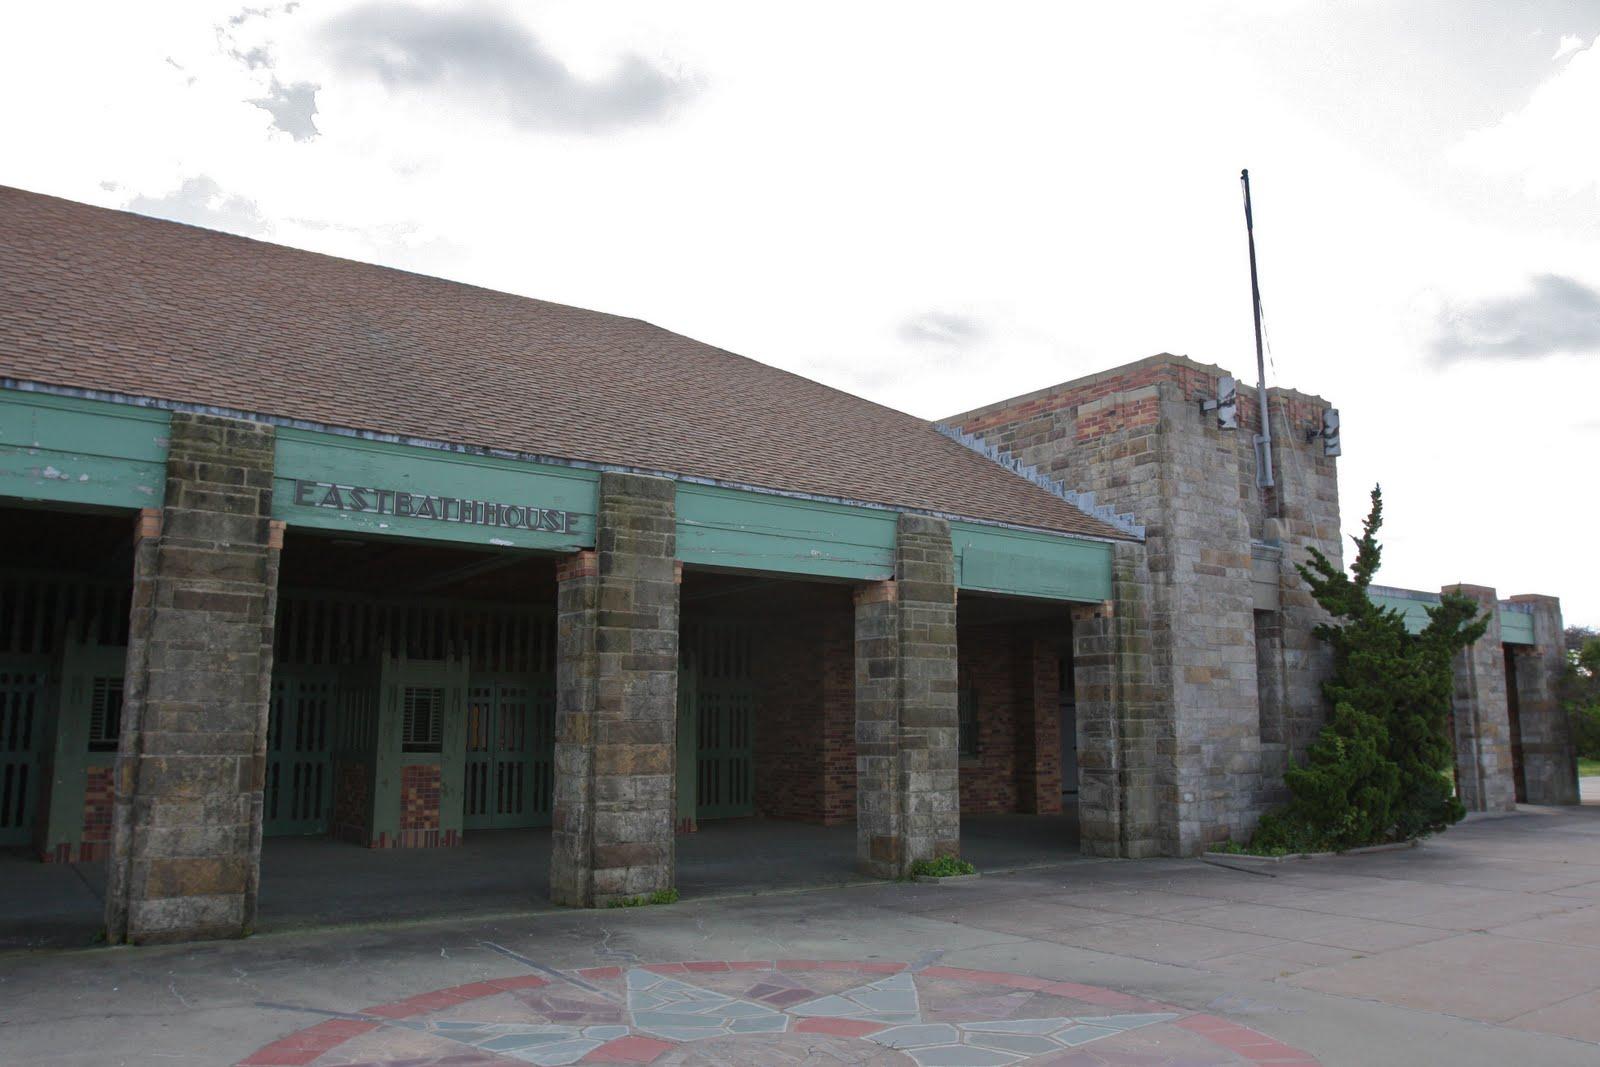 Old Long Island: Jones Beach East Bath House